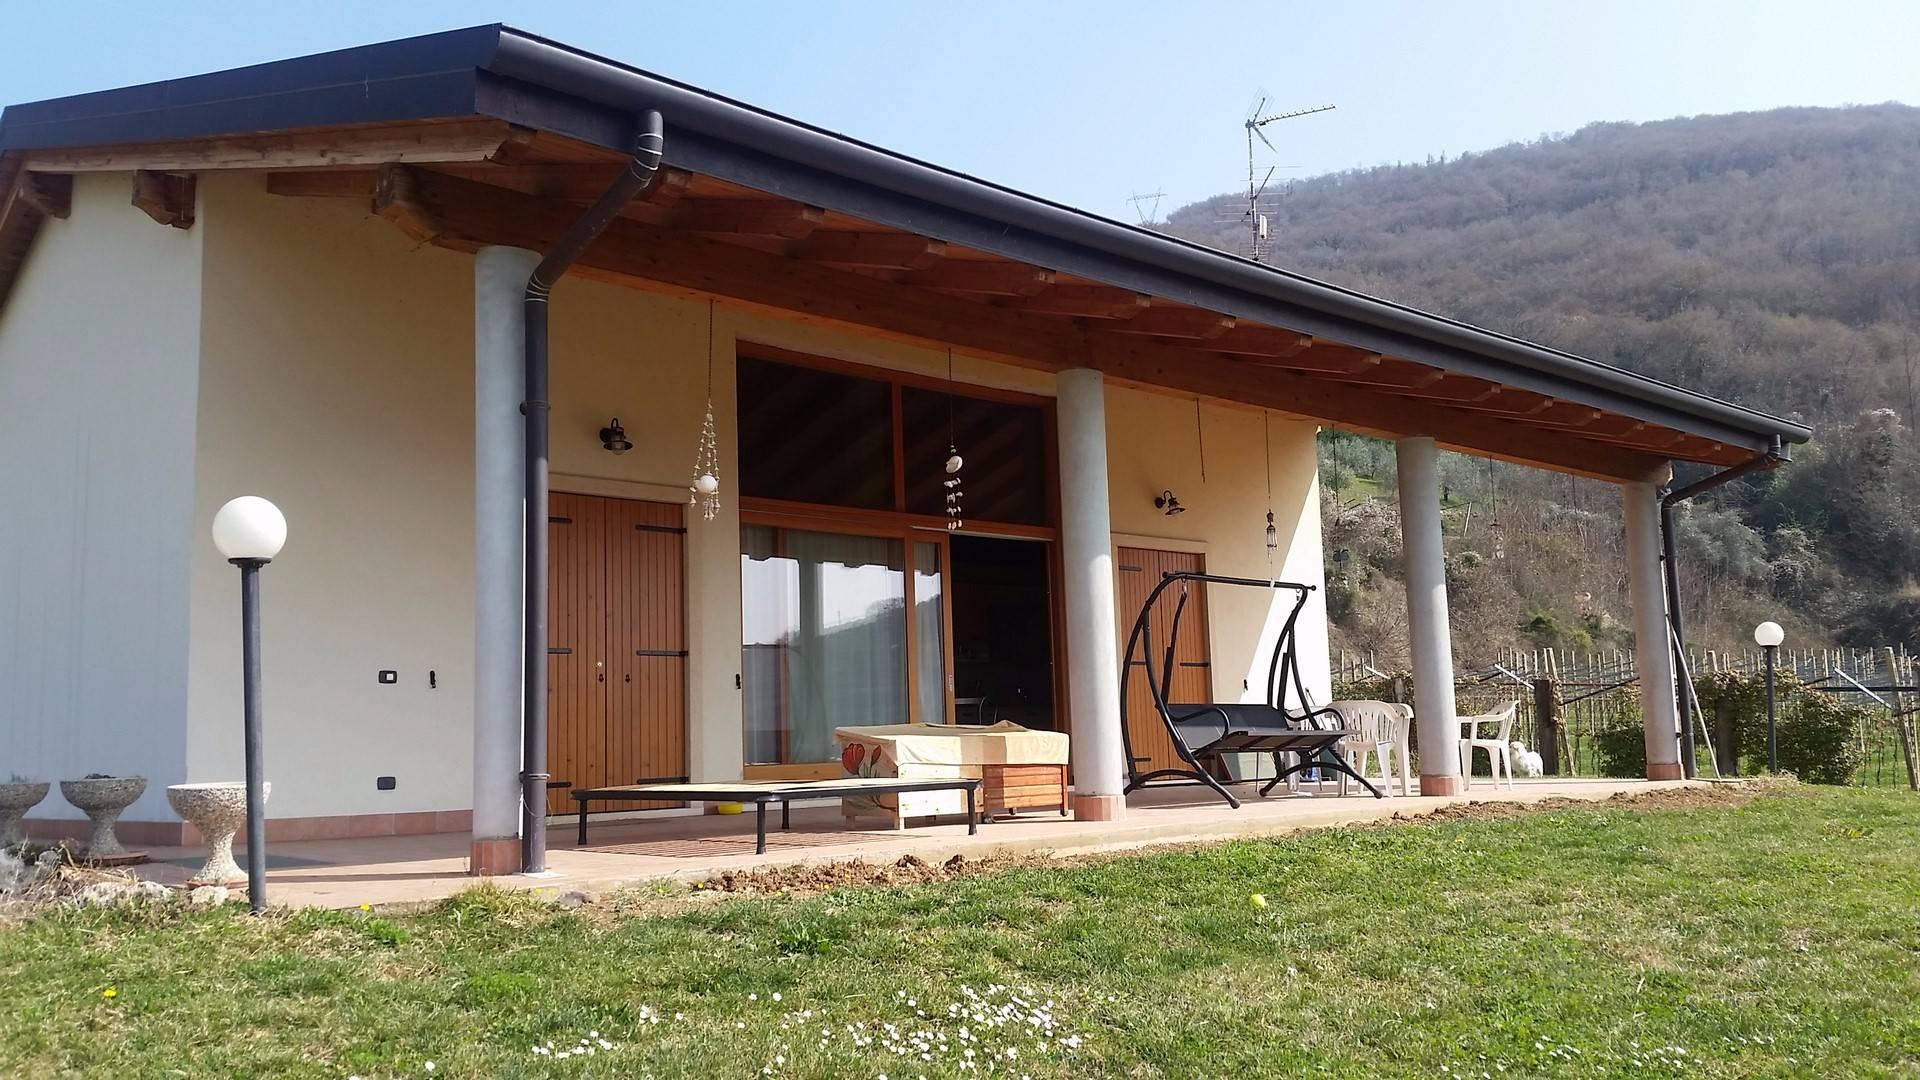 Villa in vendita a Verona, 8 locali, zona Località: Quinto, prezzo € 900.000 | CambioCasa.it